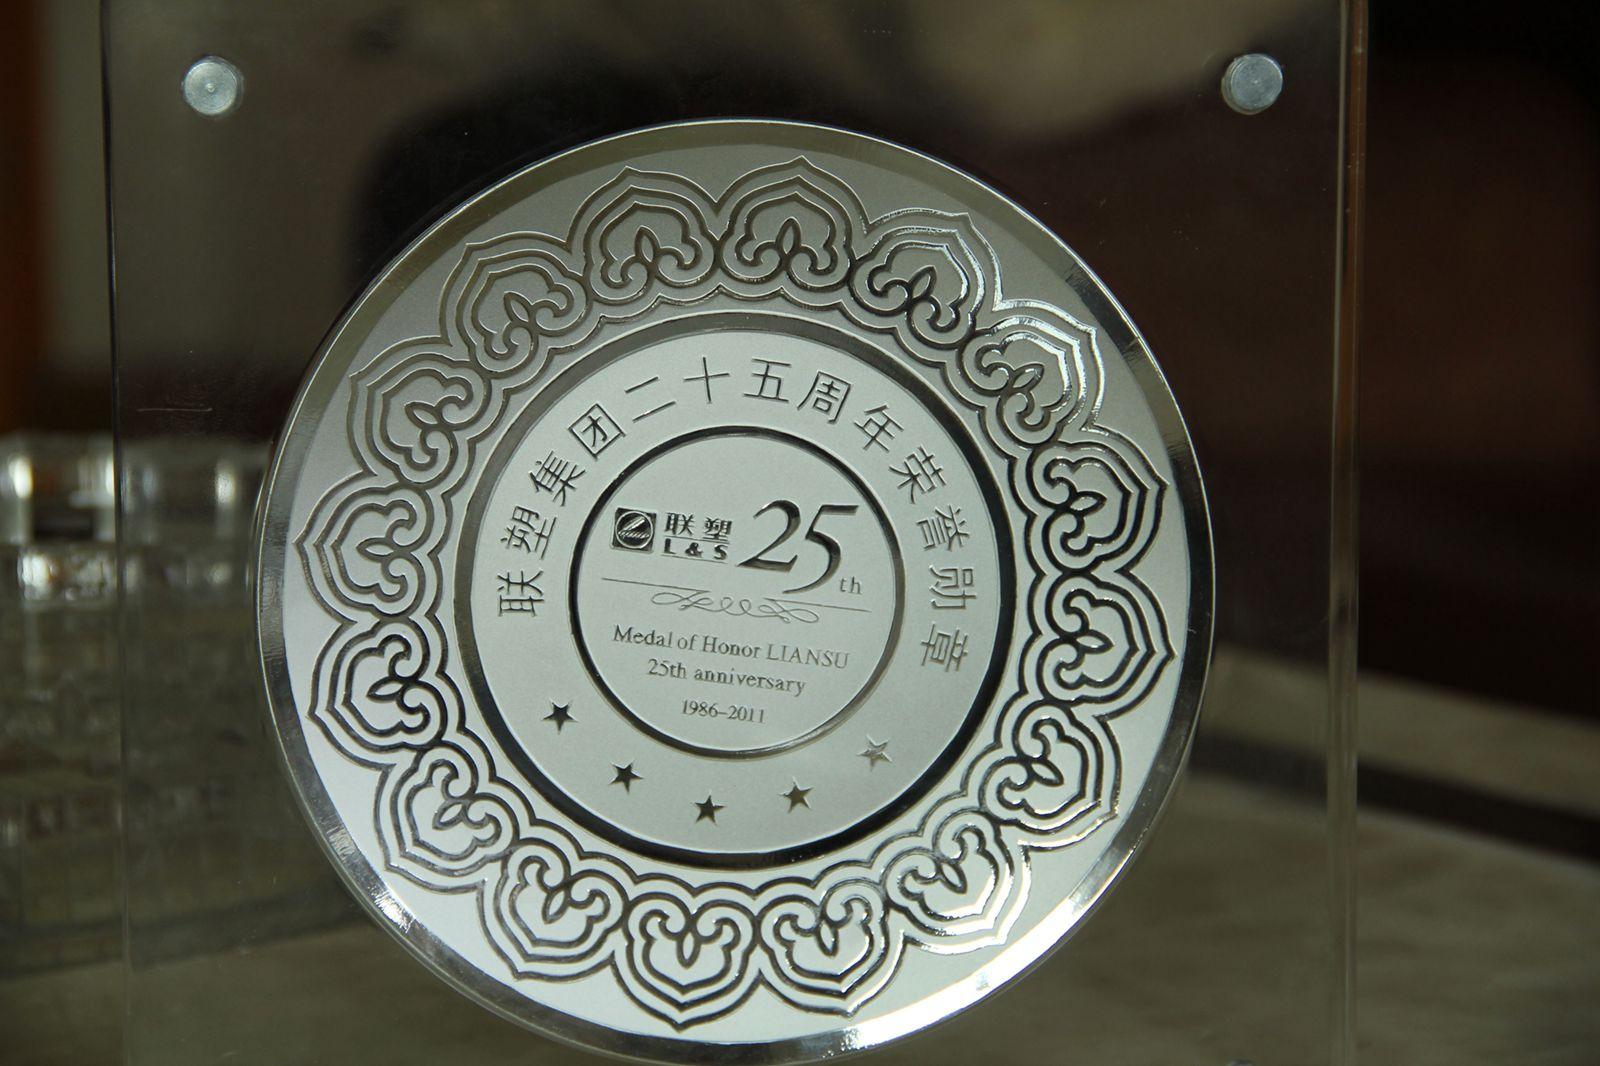 联塑集团25周年勋章